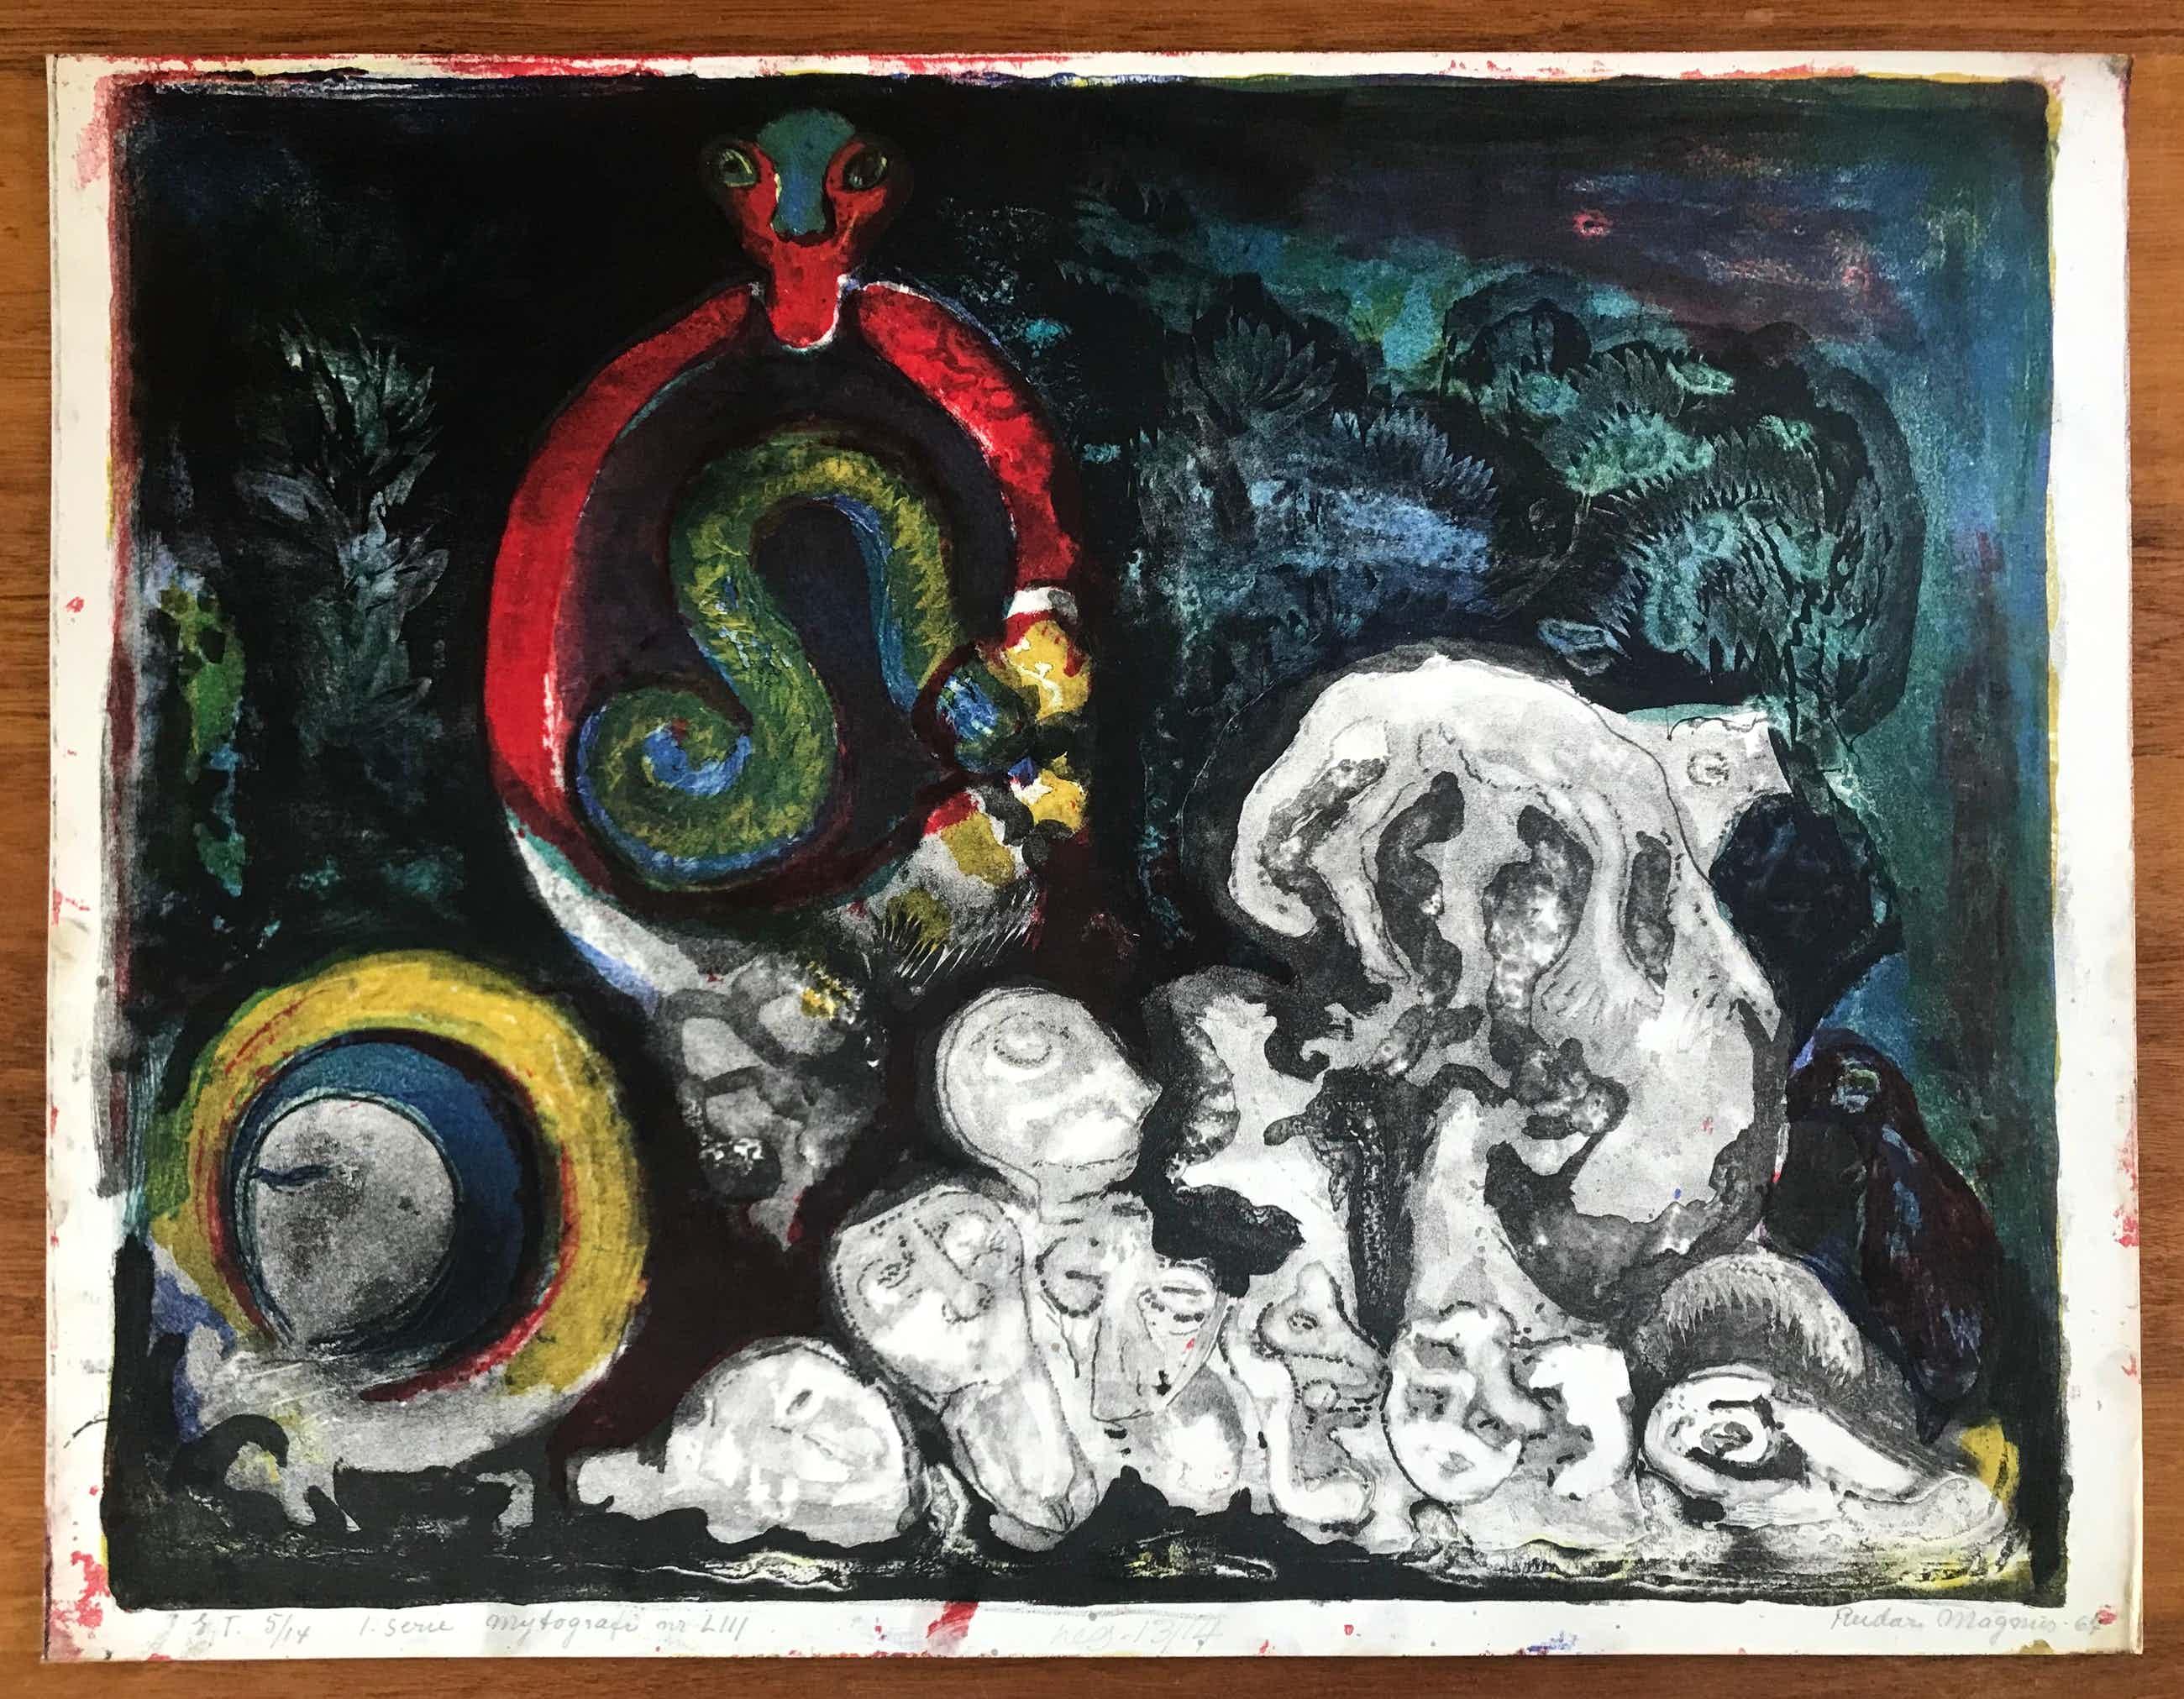 Reidar Magnus - Prachtige kleurenlitho - 5/14 - Gesigneerd - 1967 kopen? Bied vanaf 75!